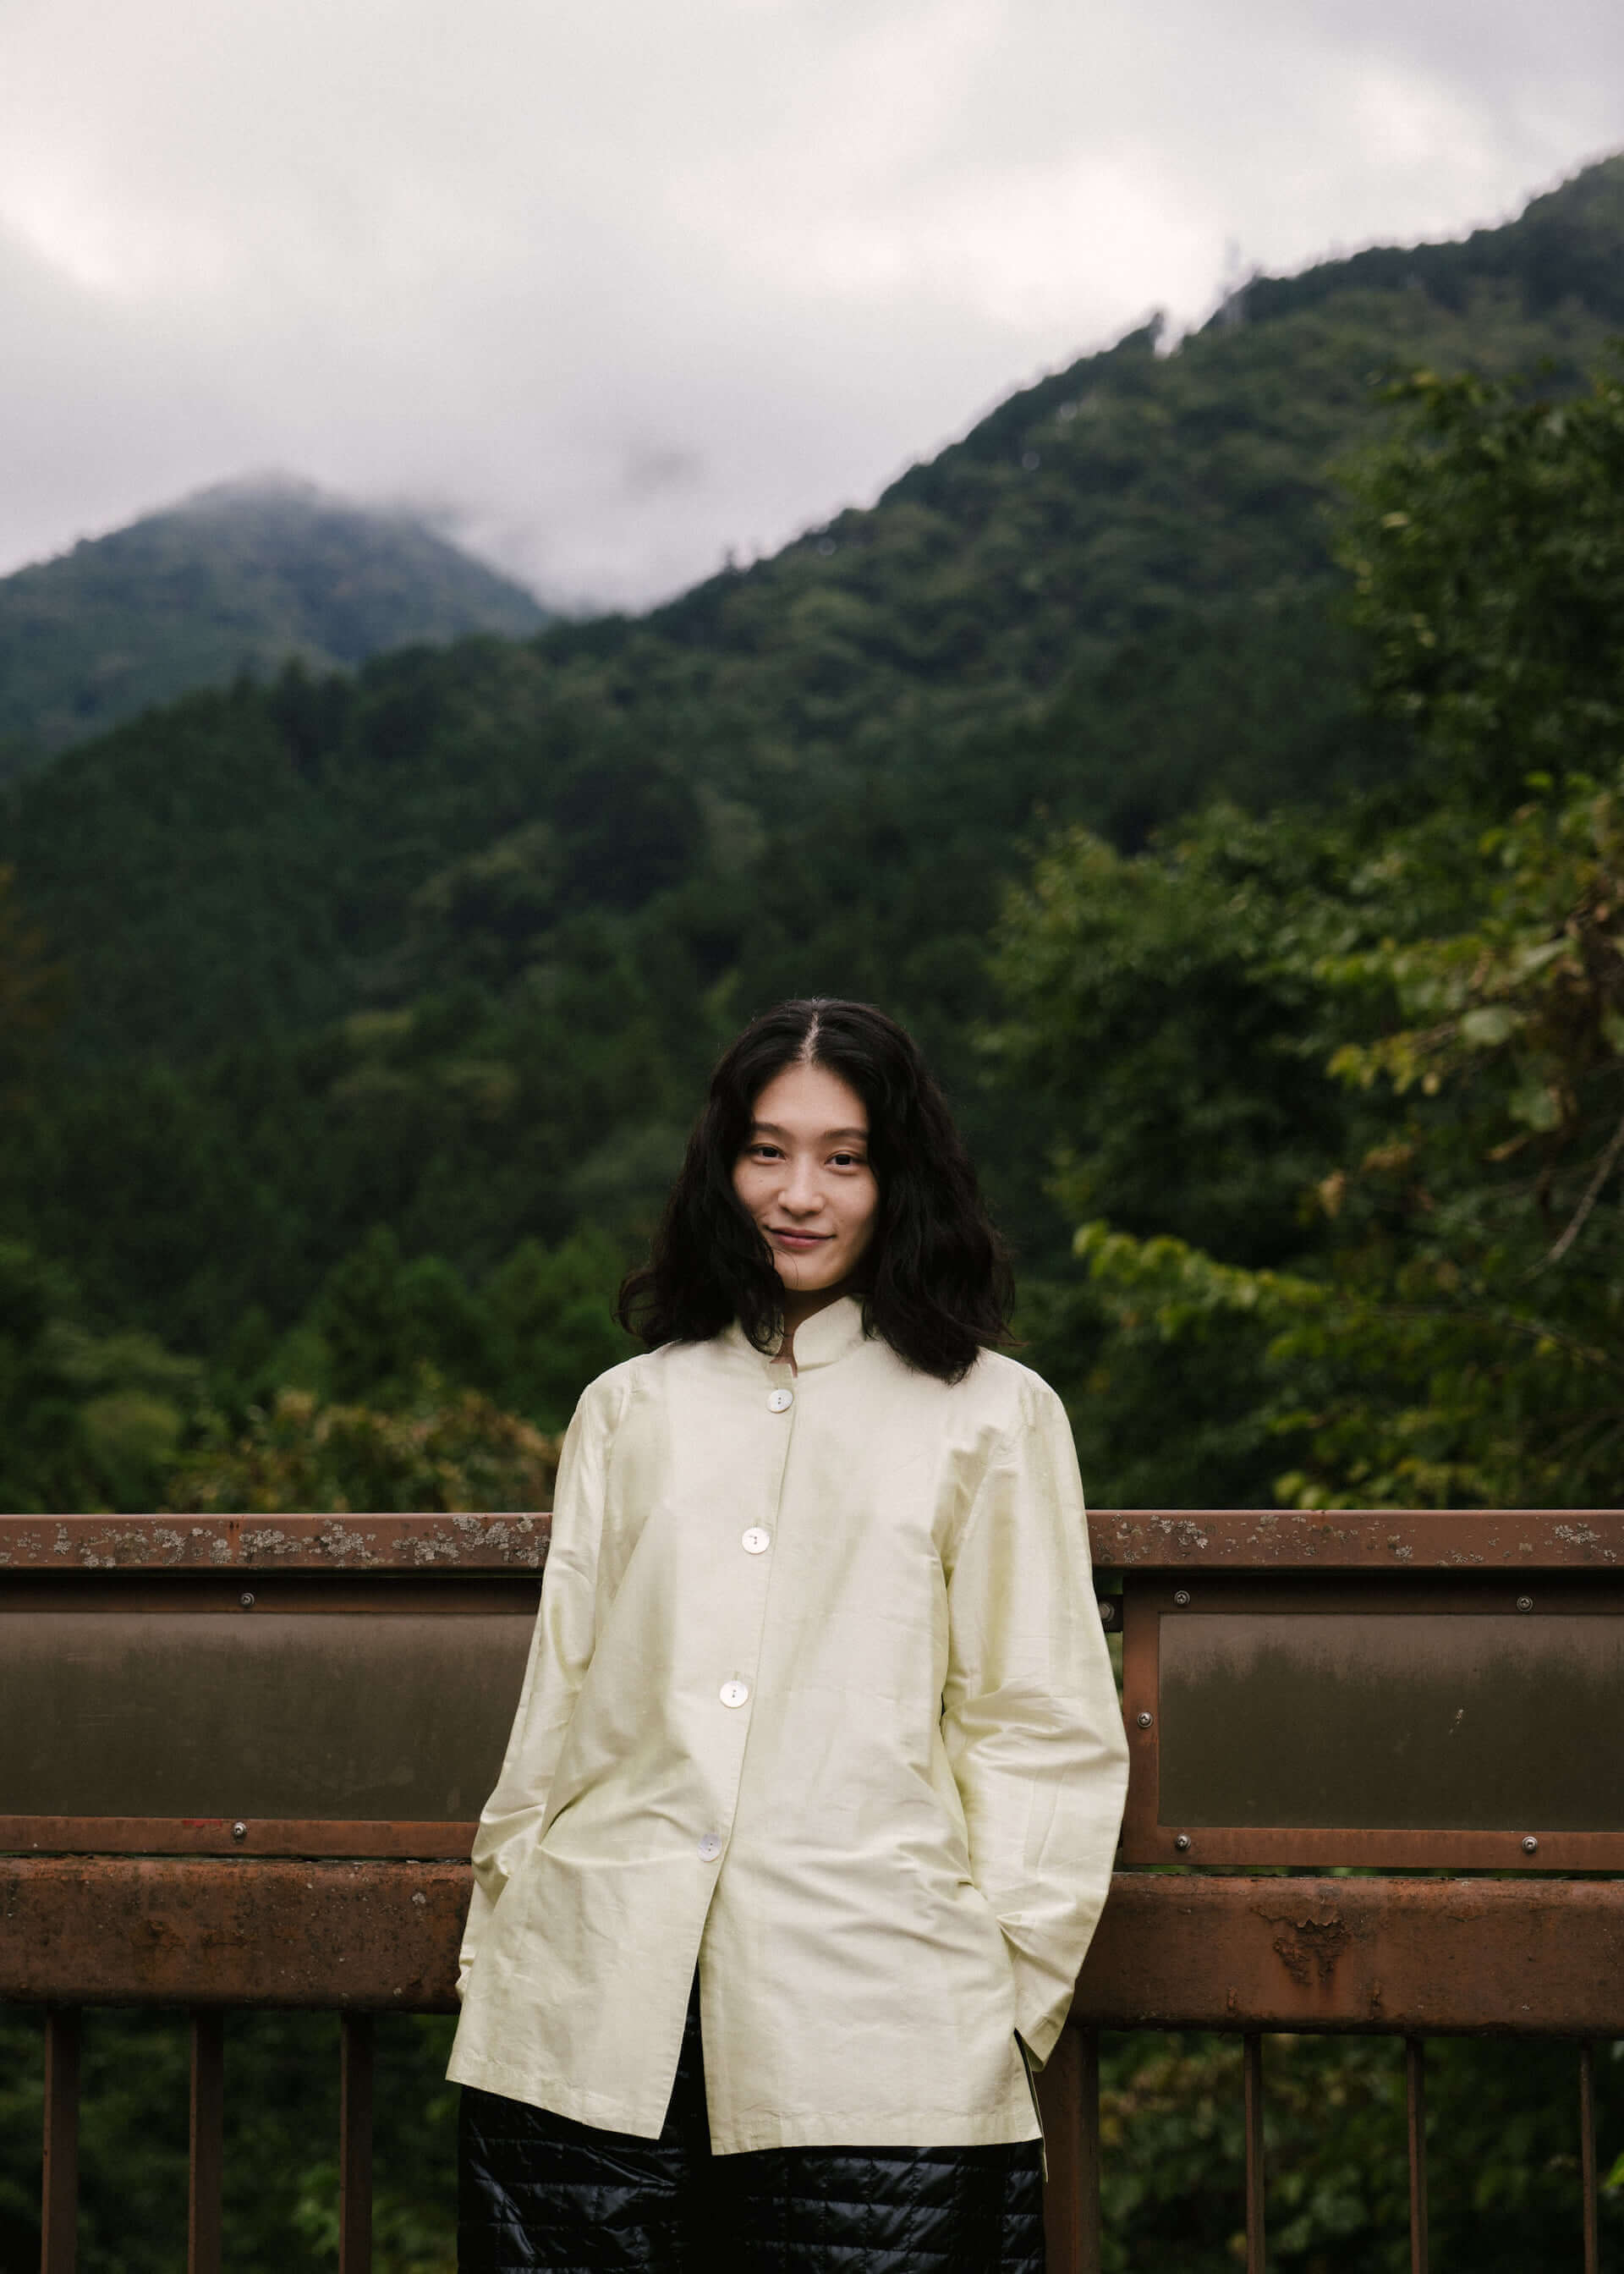 YAKUSHIMA TREASUREのライブ映像作品が配信スタート。屋久島「ガジュマルの森」でのパフォーマンスを空間ごとスキャン